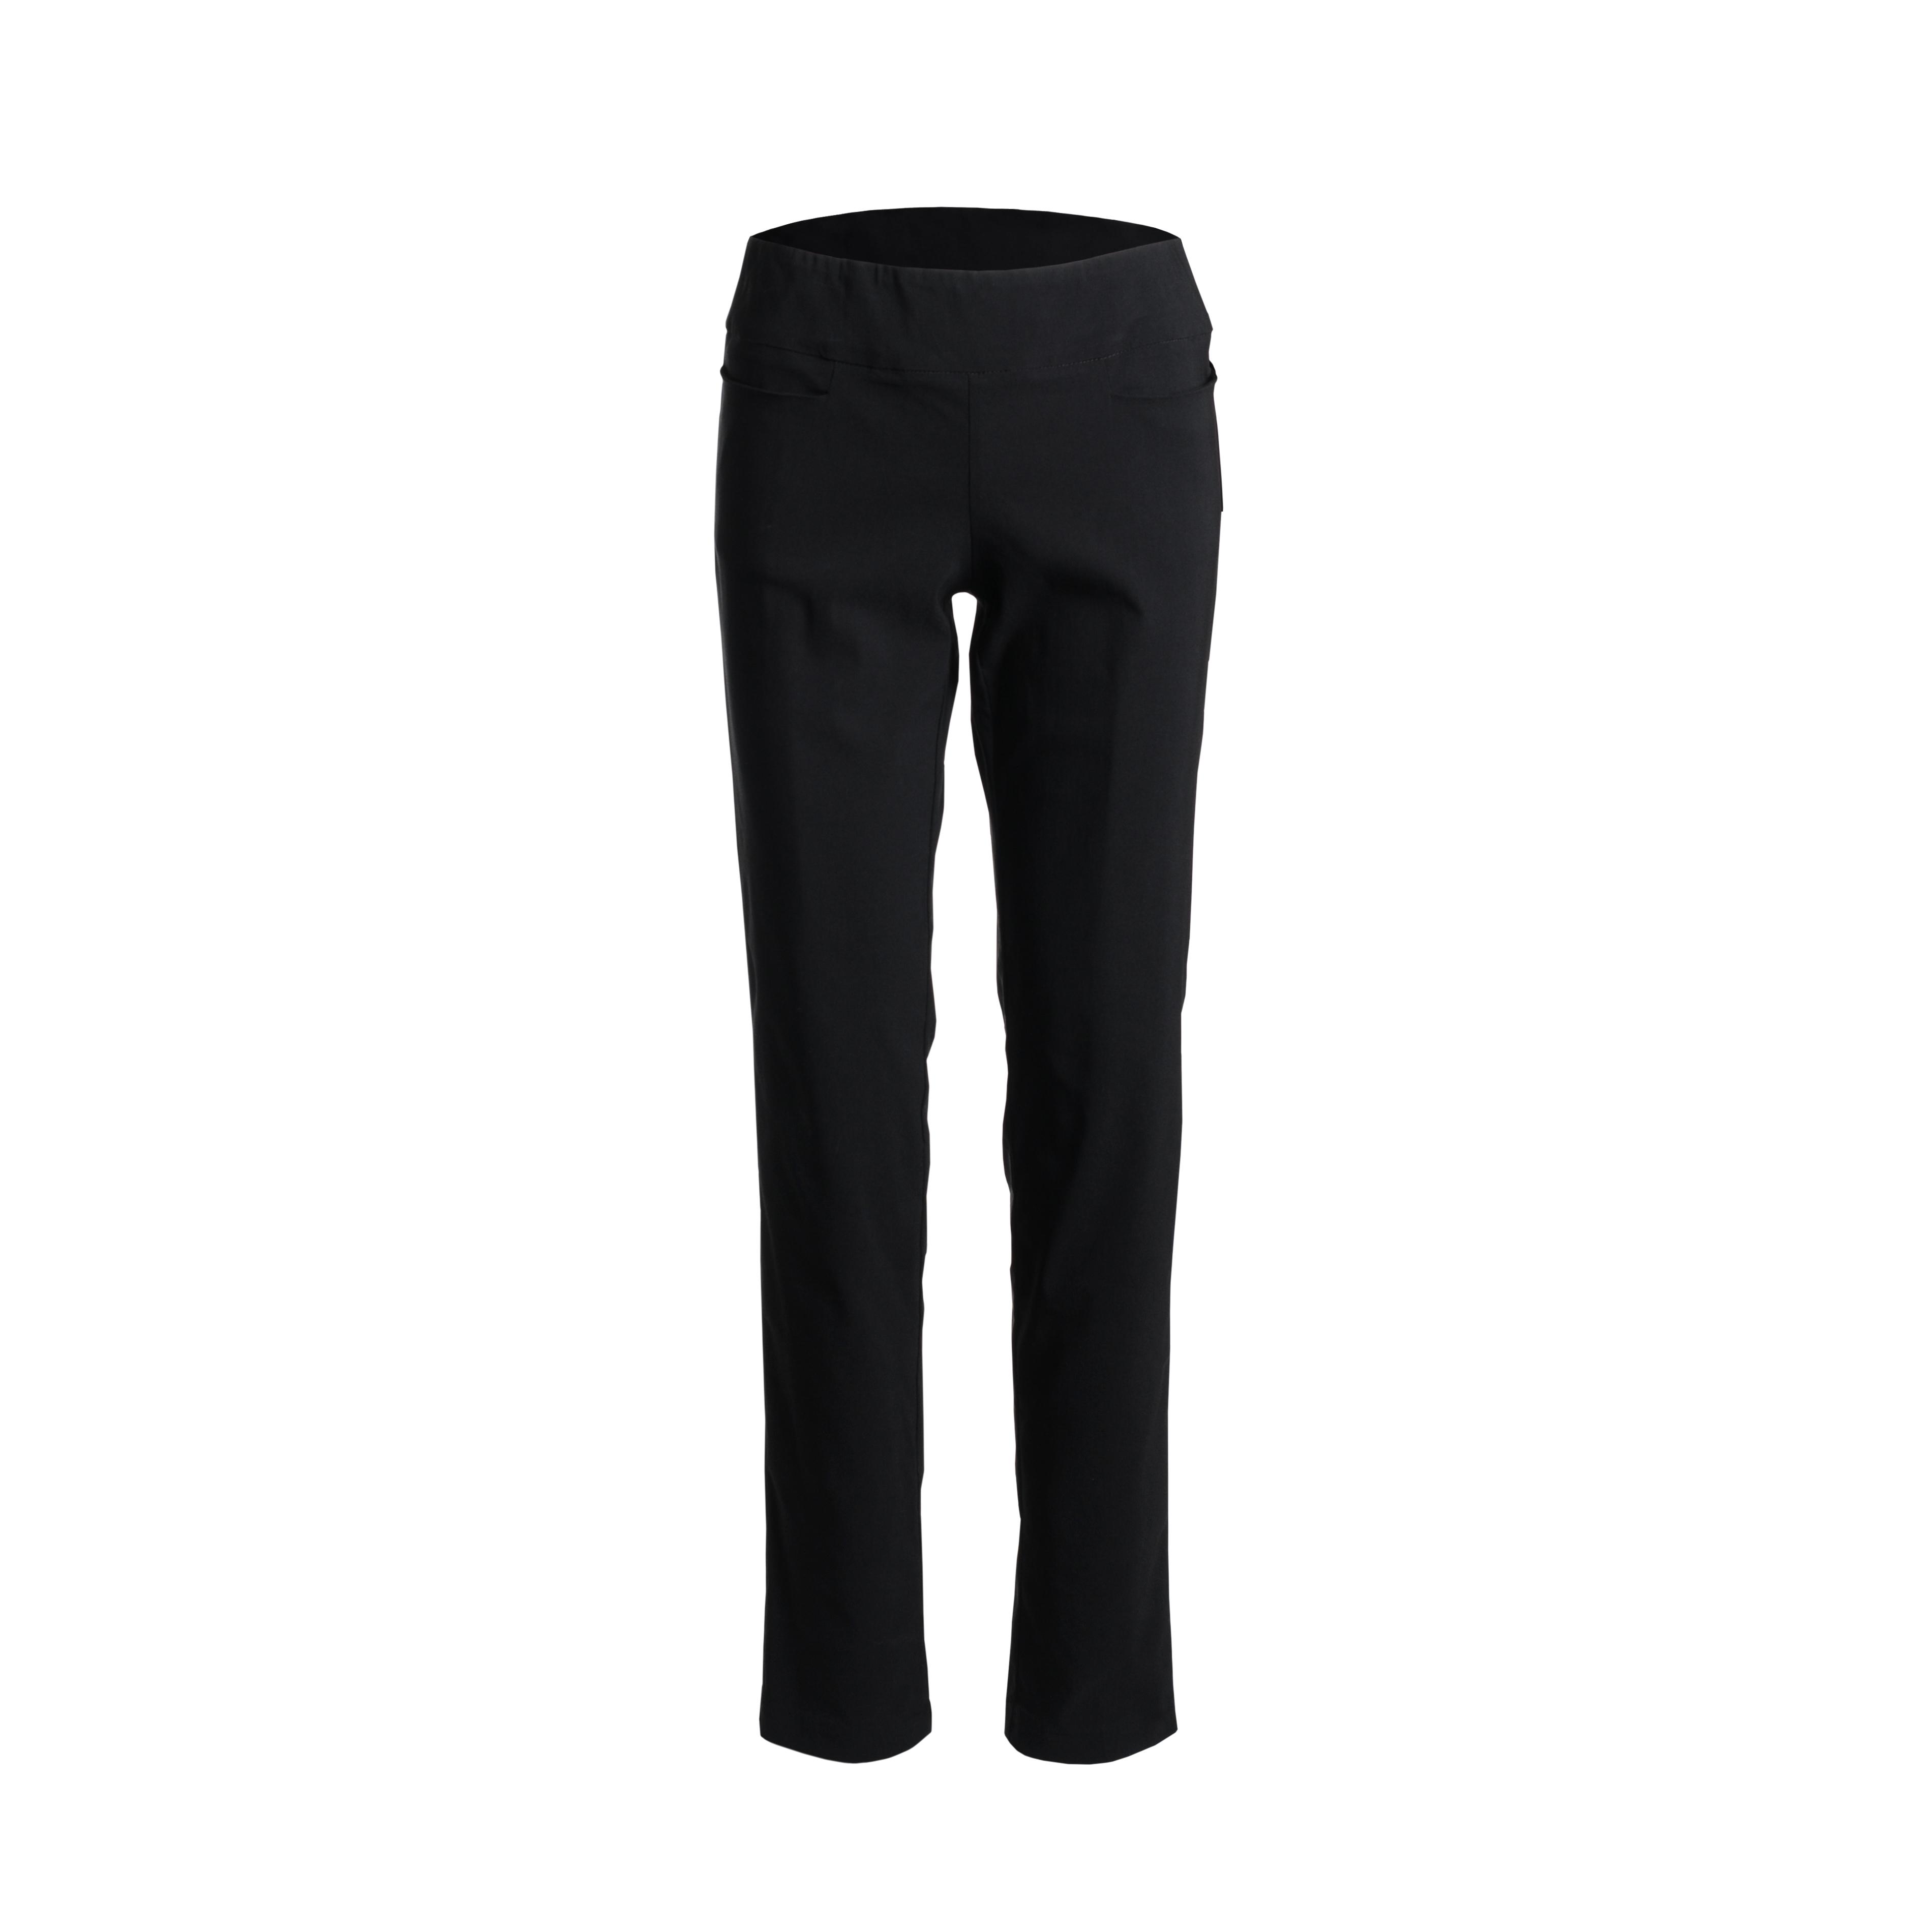 Pantalon stretch pour femmes